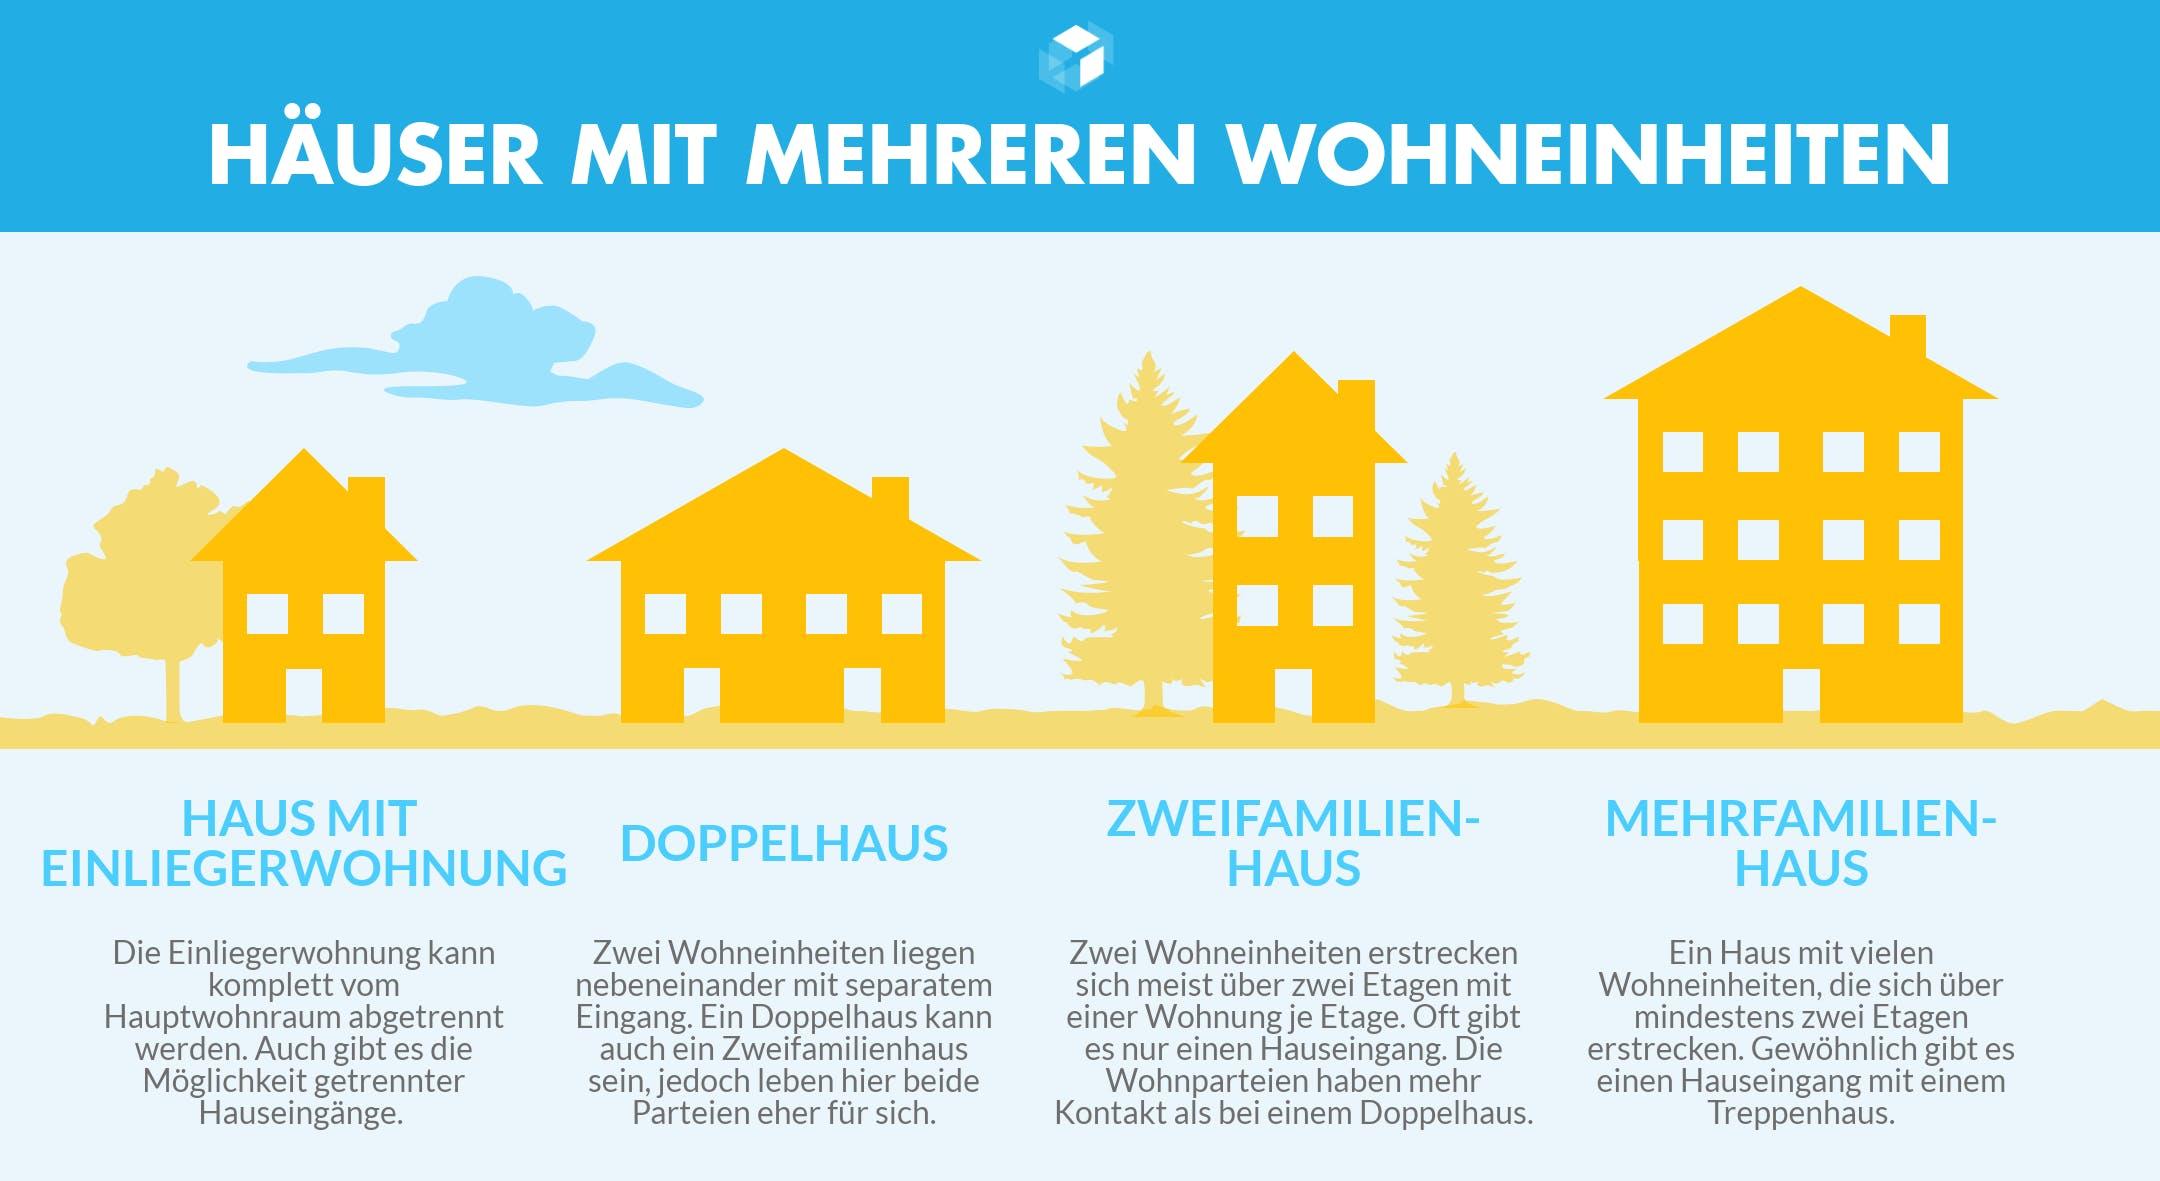 Infografik mit den Unterschieden von Zweifamilien-, Doppel- und Mehrfamilienhäusern